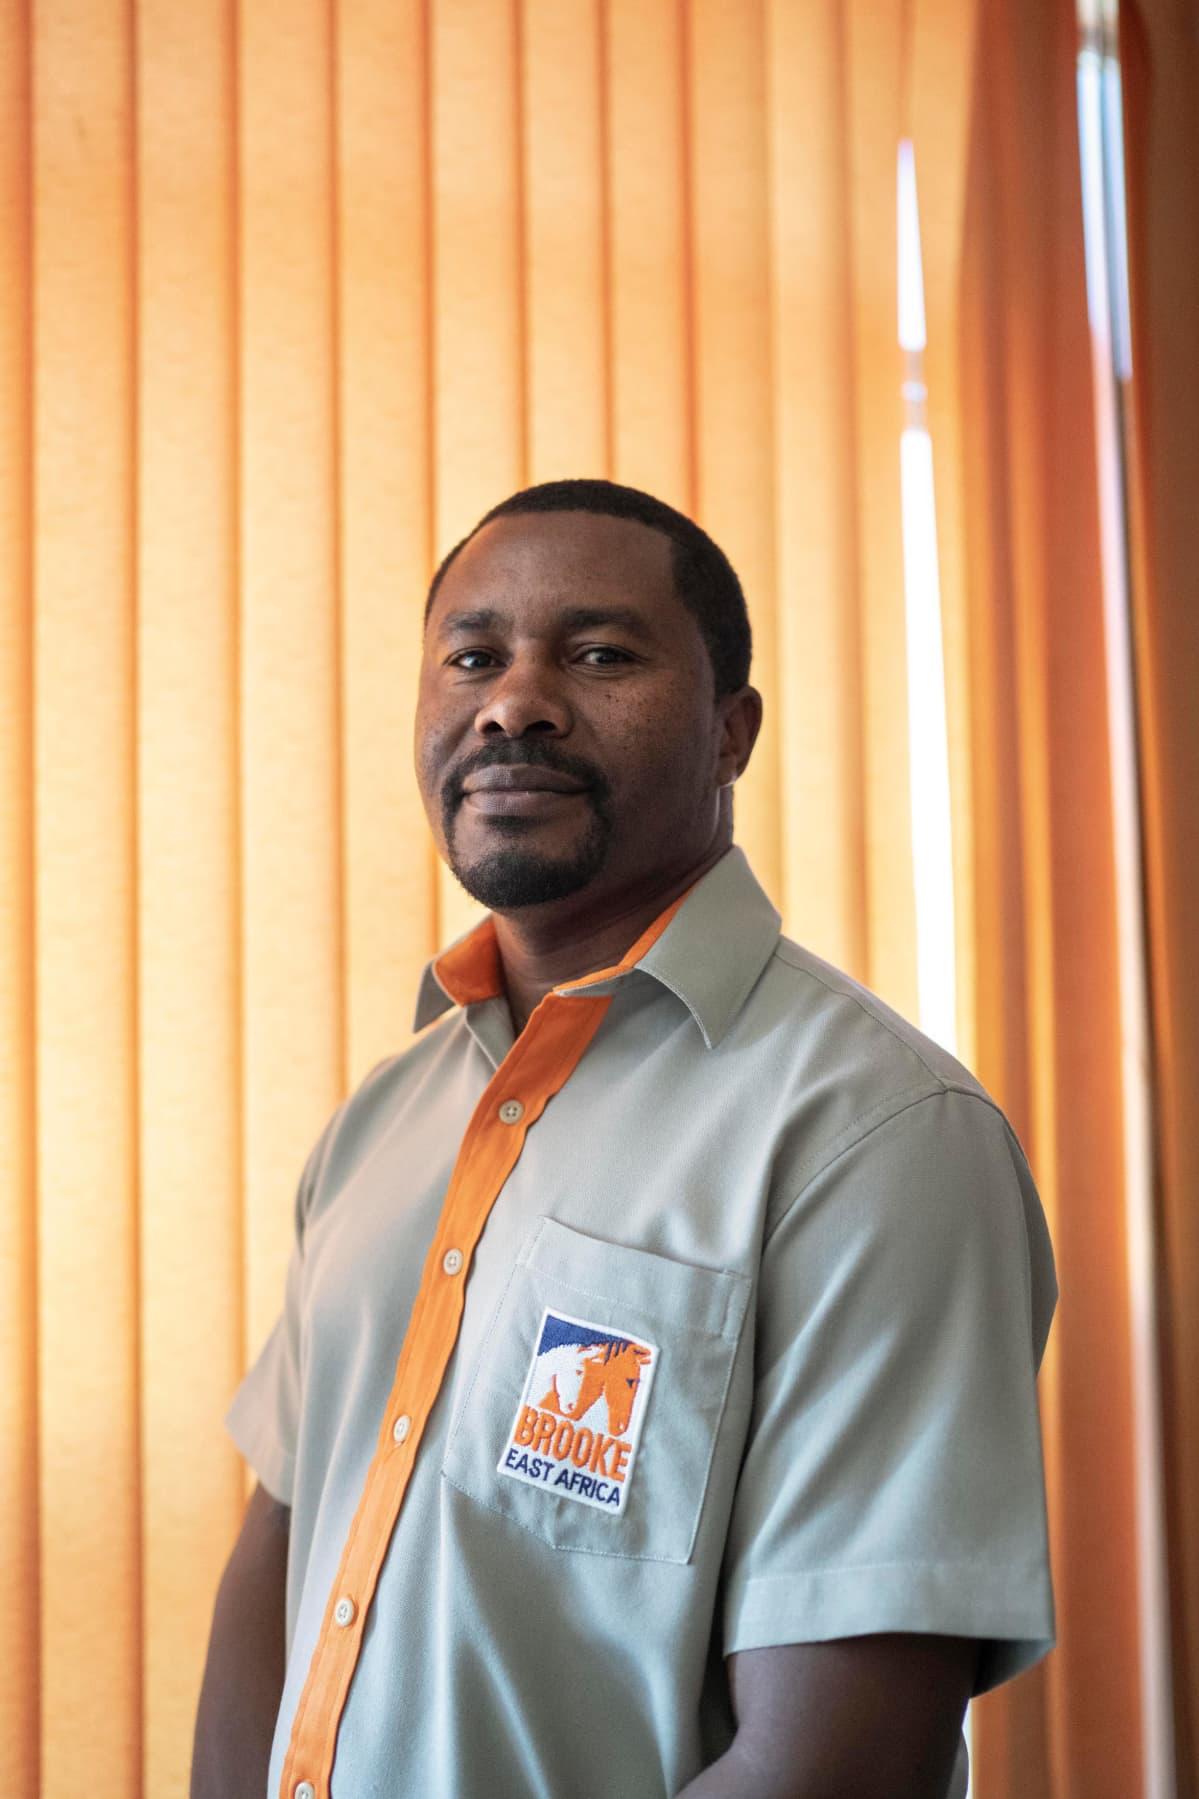 Fred Ochieng Brooke East Africa -järjestöstä kertoo rakastavansa eläimiä.